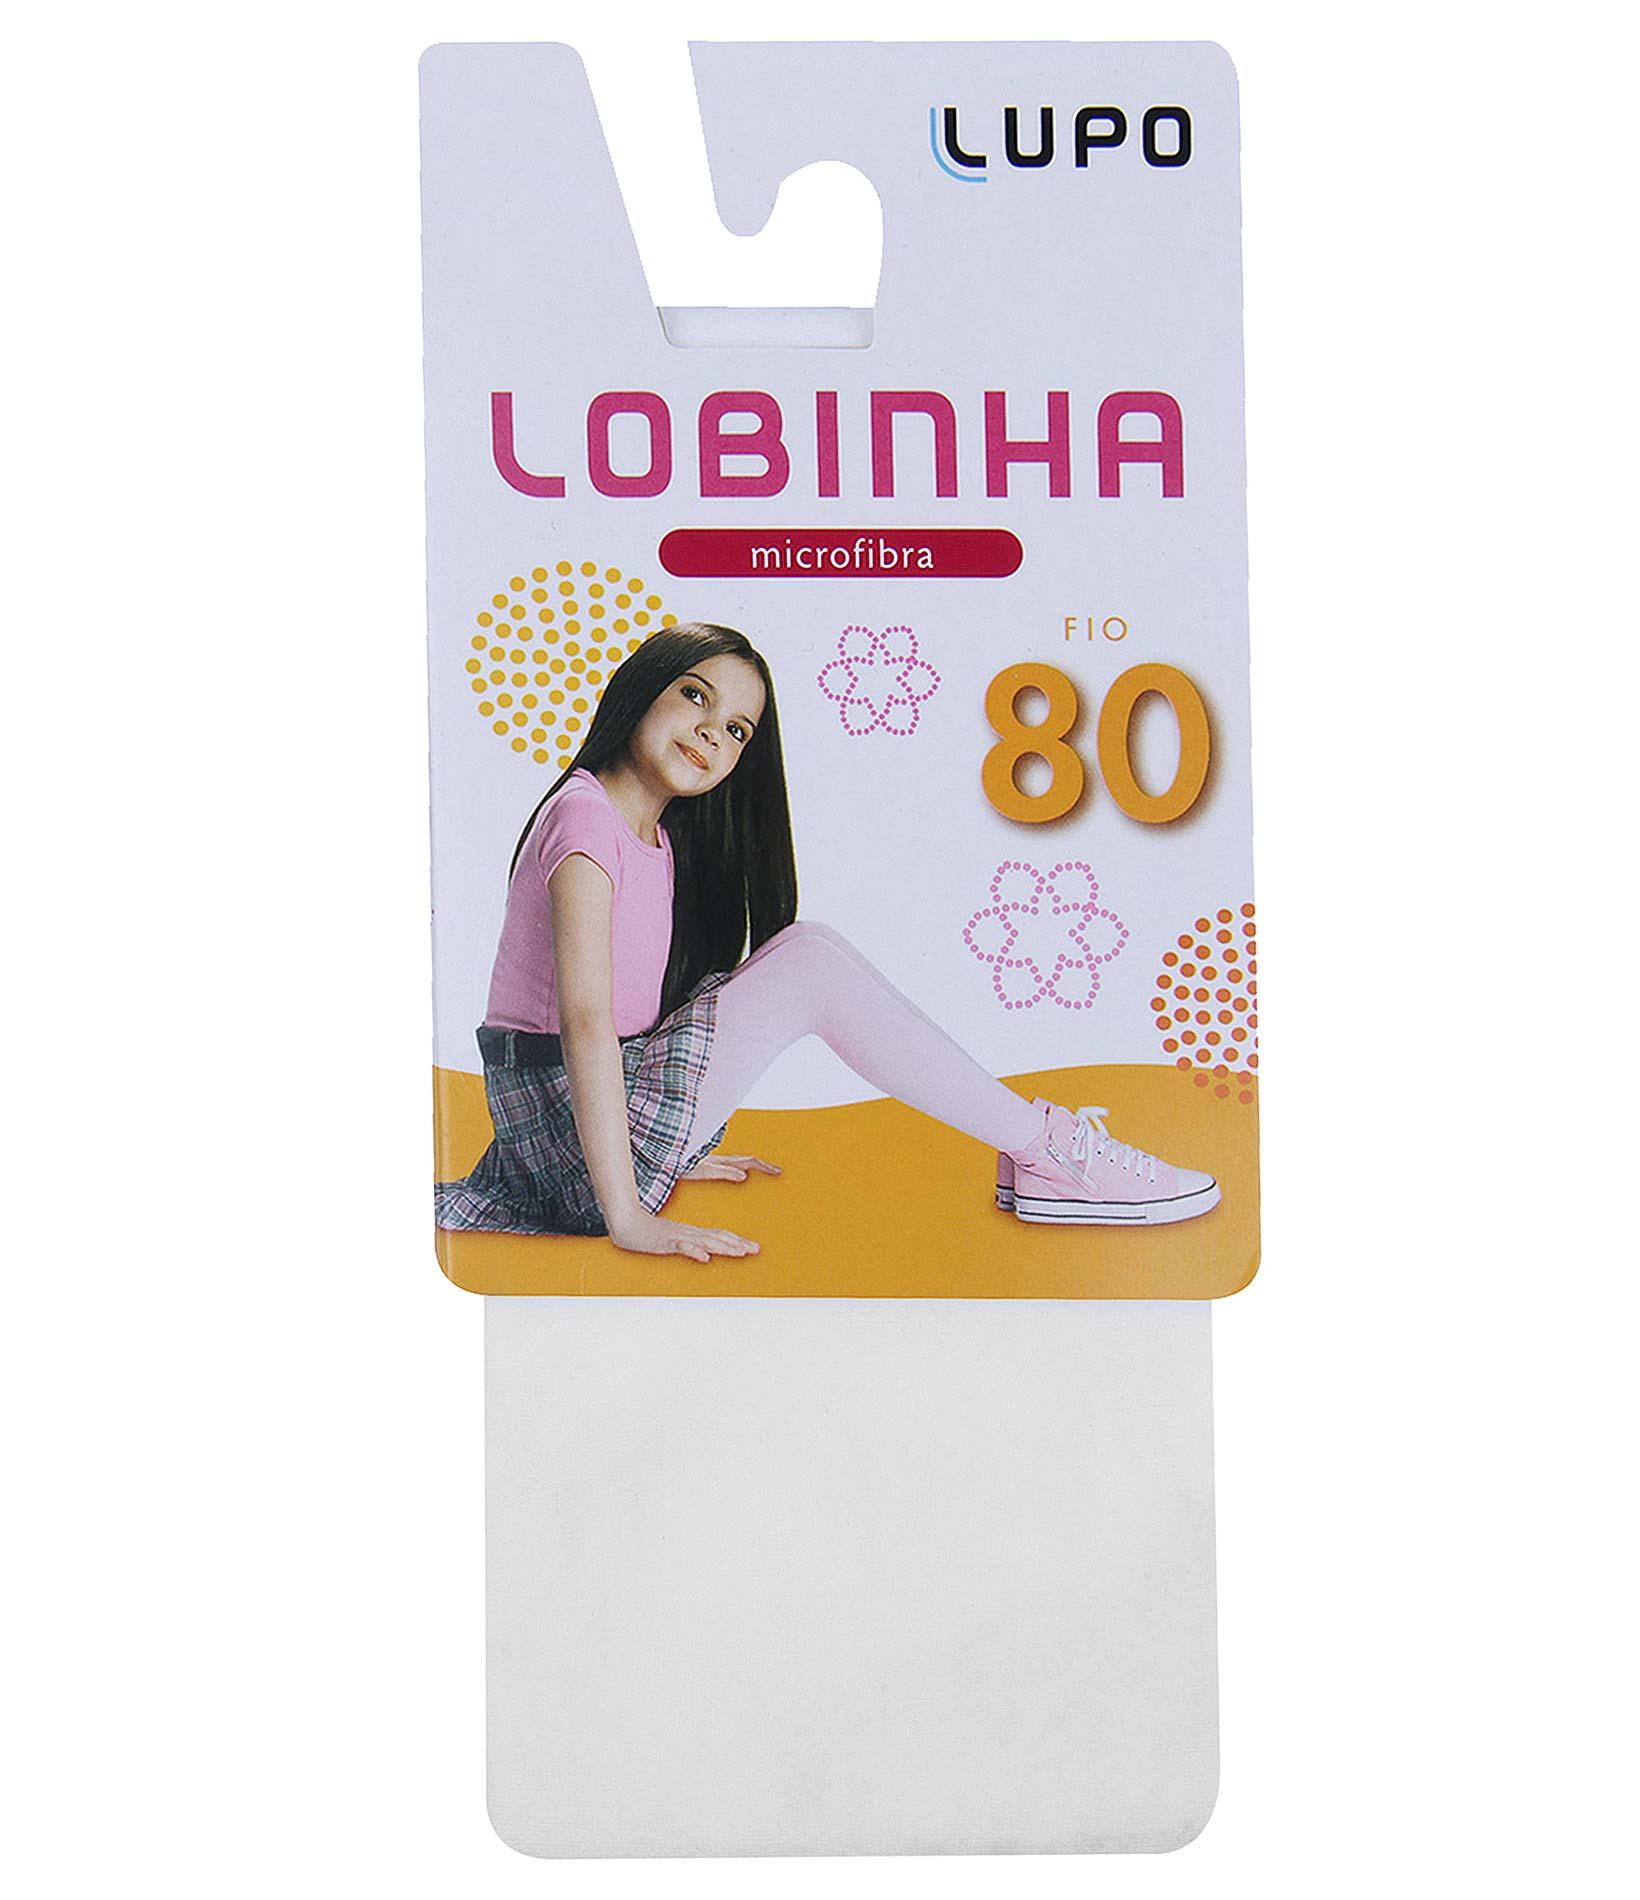 Meia calça Lobinha fio 80